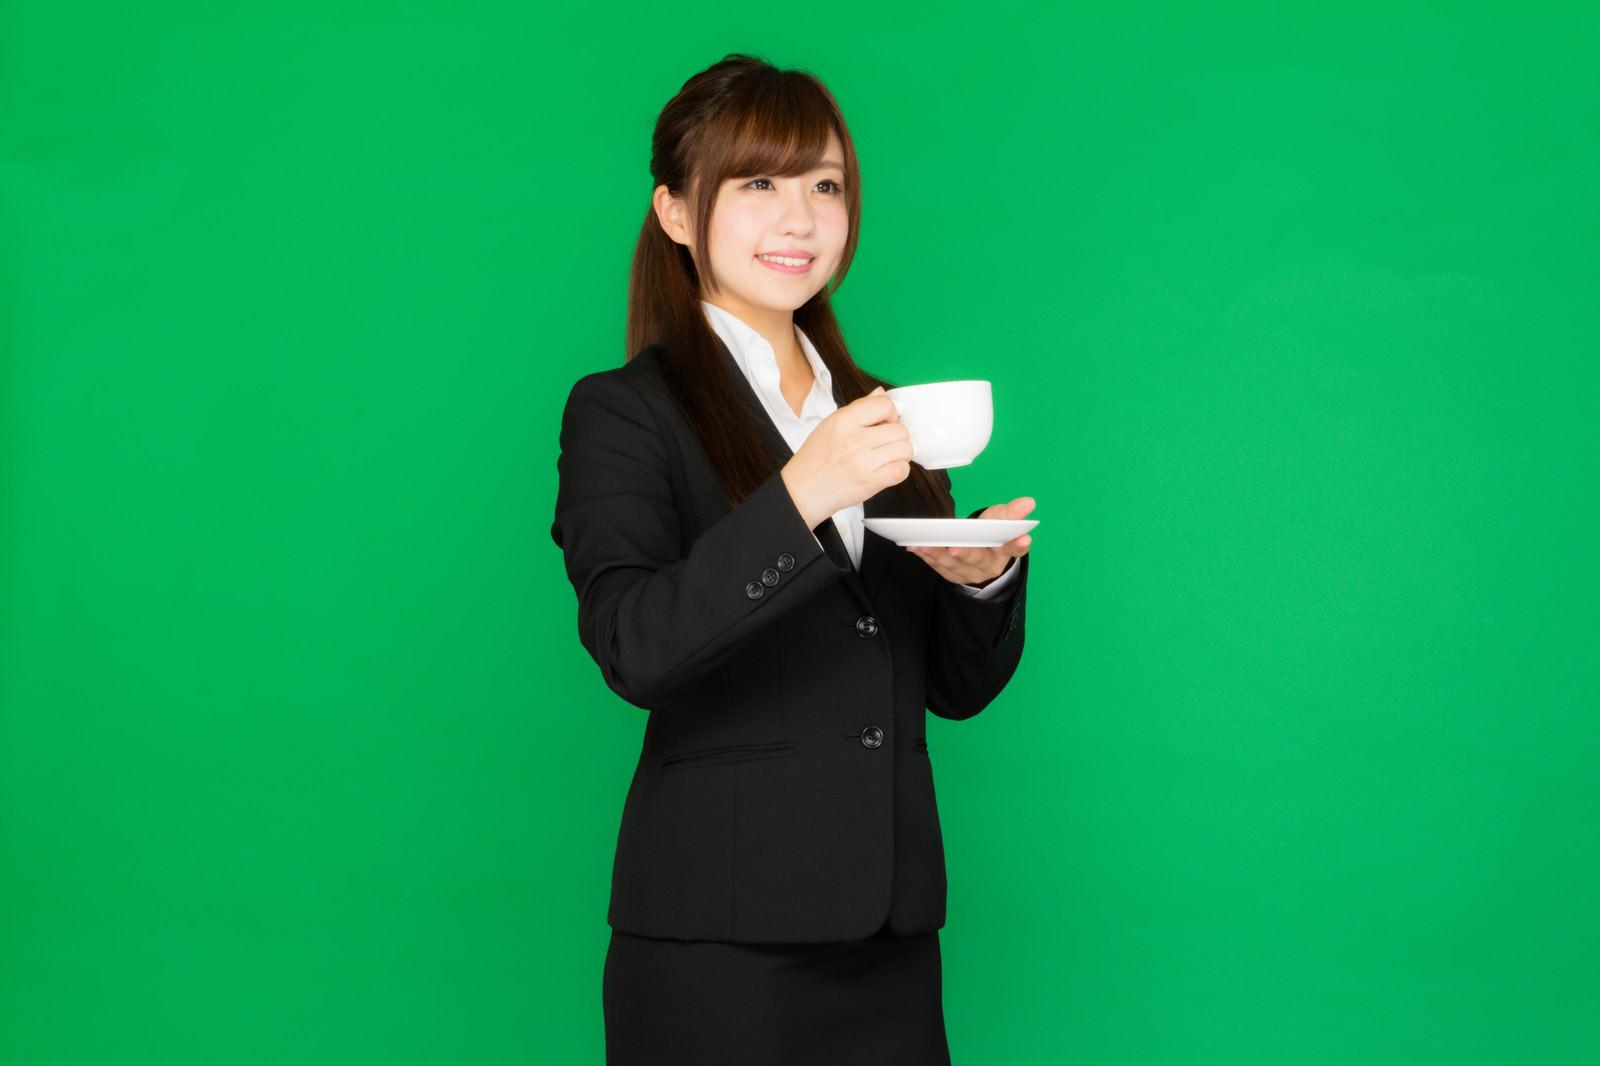 「仕事の合間に一息のコーヒータイム(グリーンバック)」の写真[モデル:河村友歌]